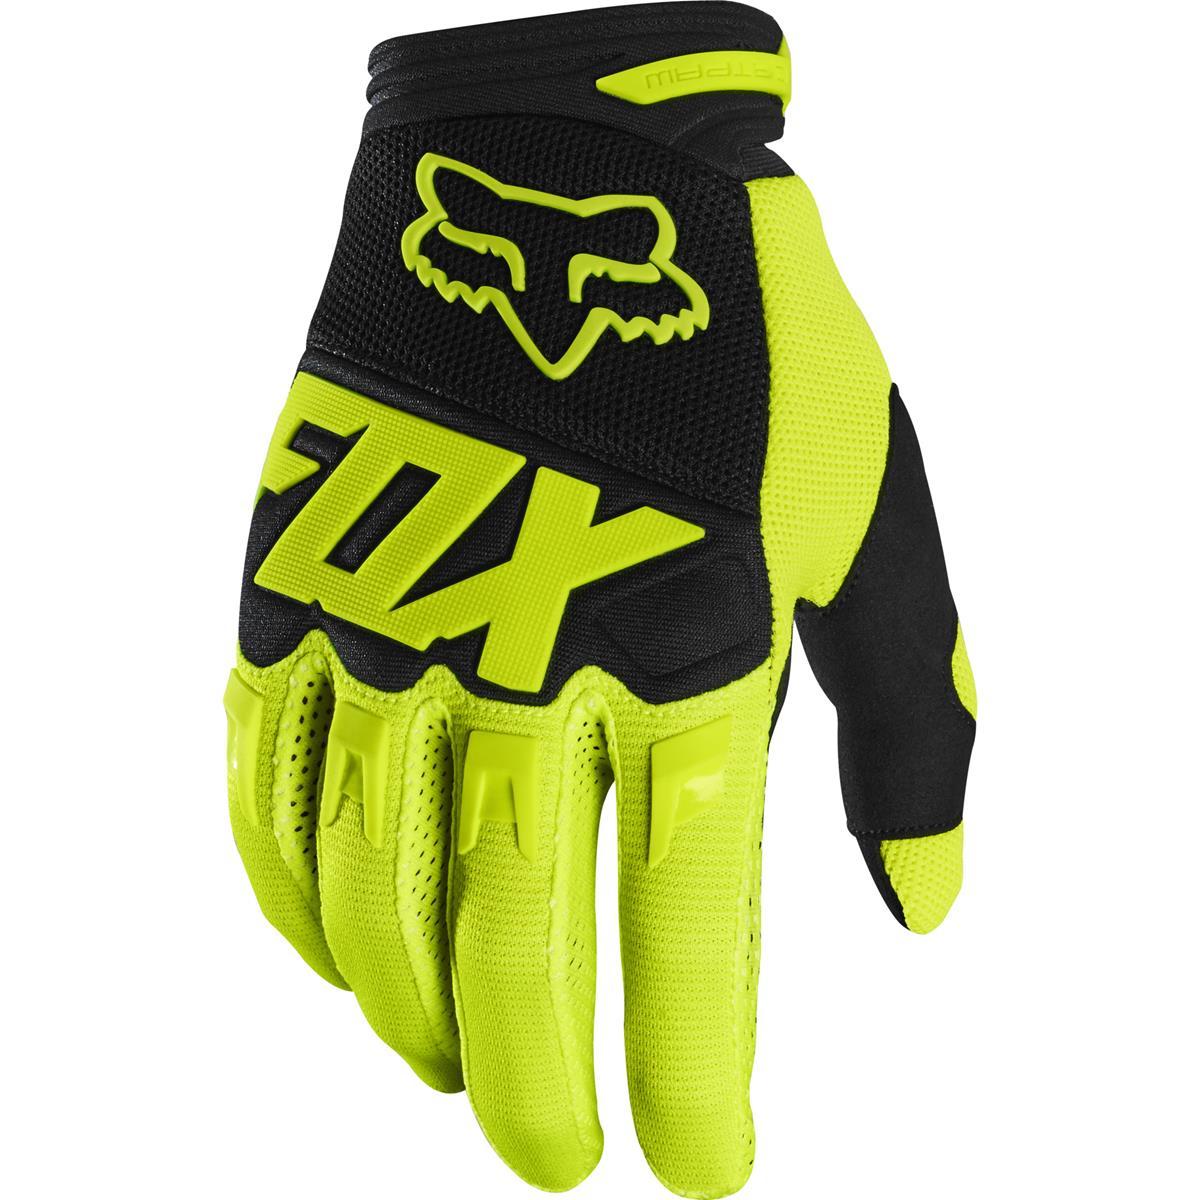 Fox Handschuhe Dirtpaw Race - Flow Yellow